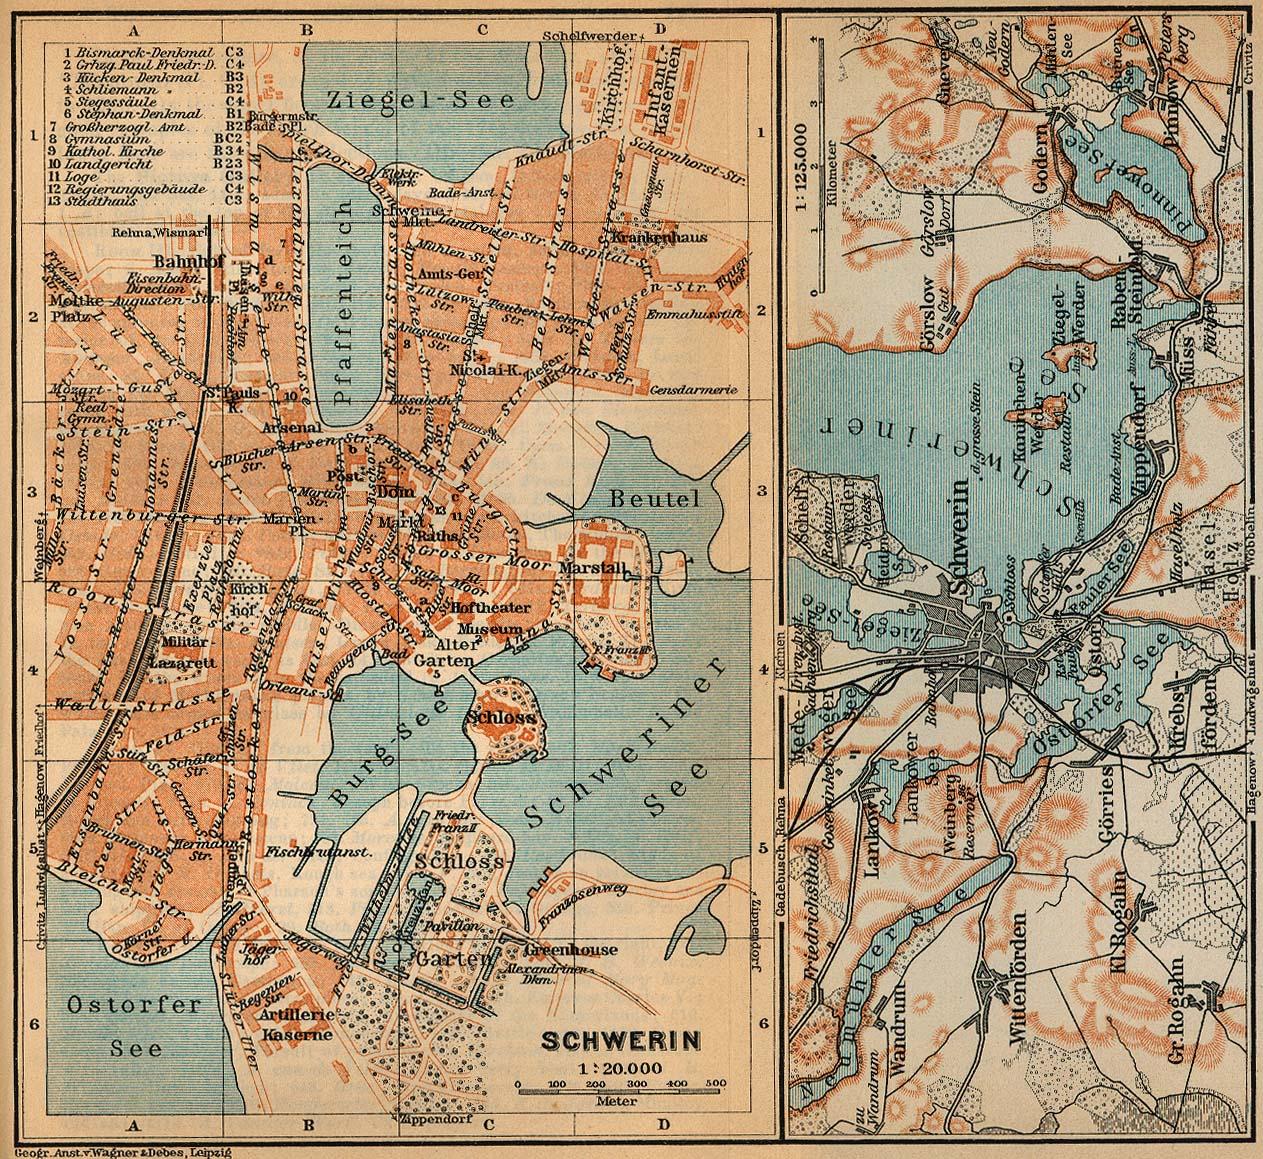 Mapa de las Cercanías de Schwerin, Alemania 1910